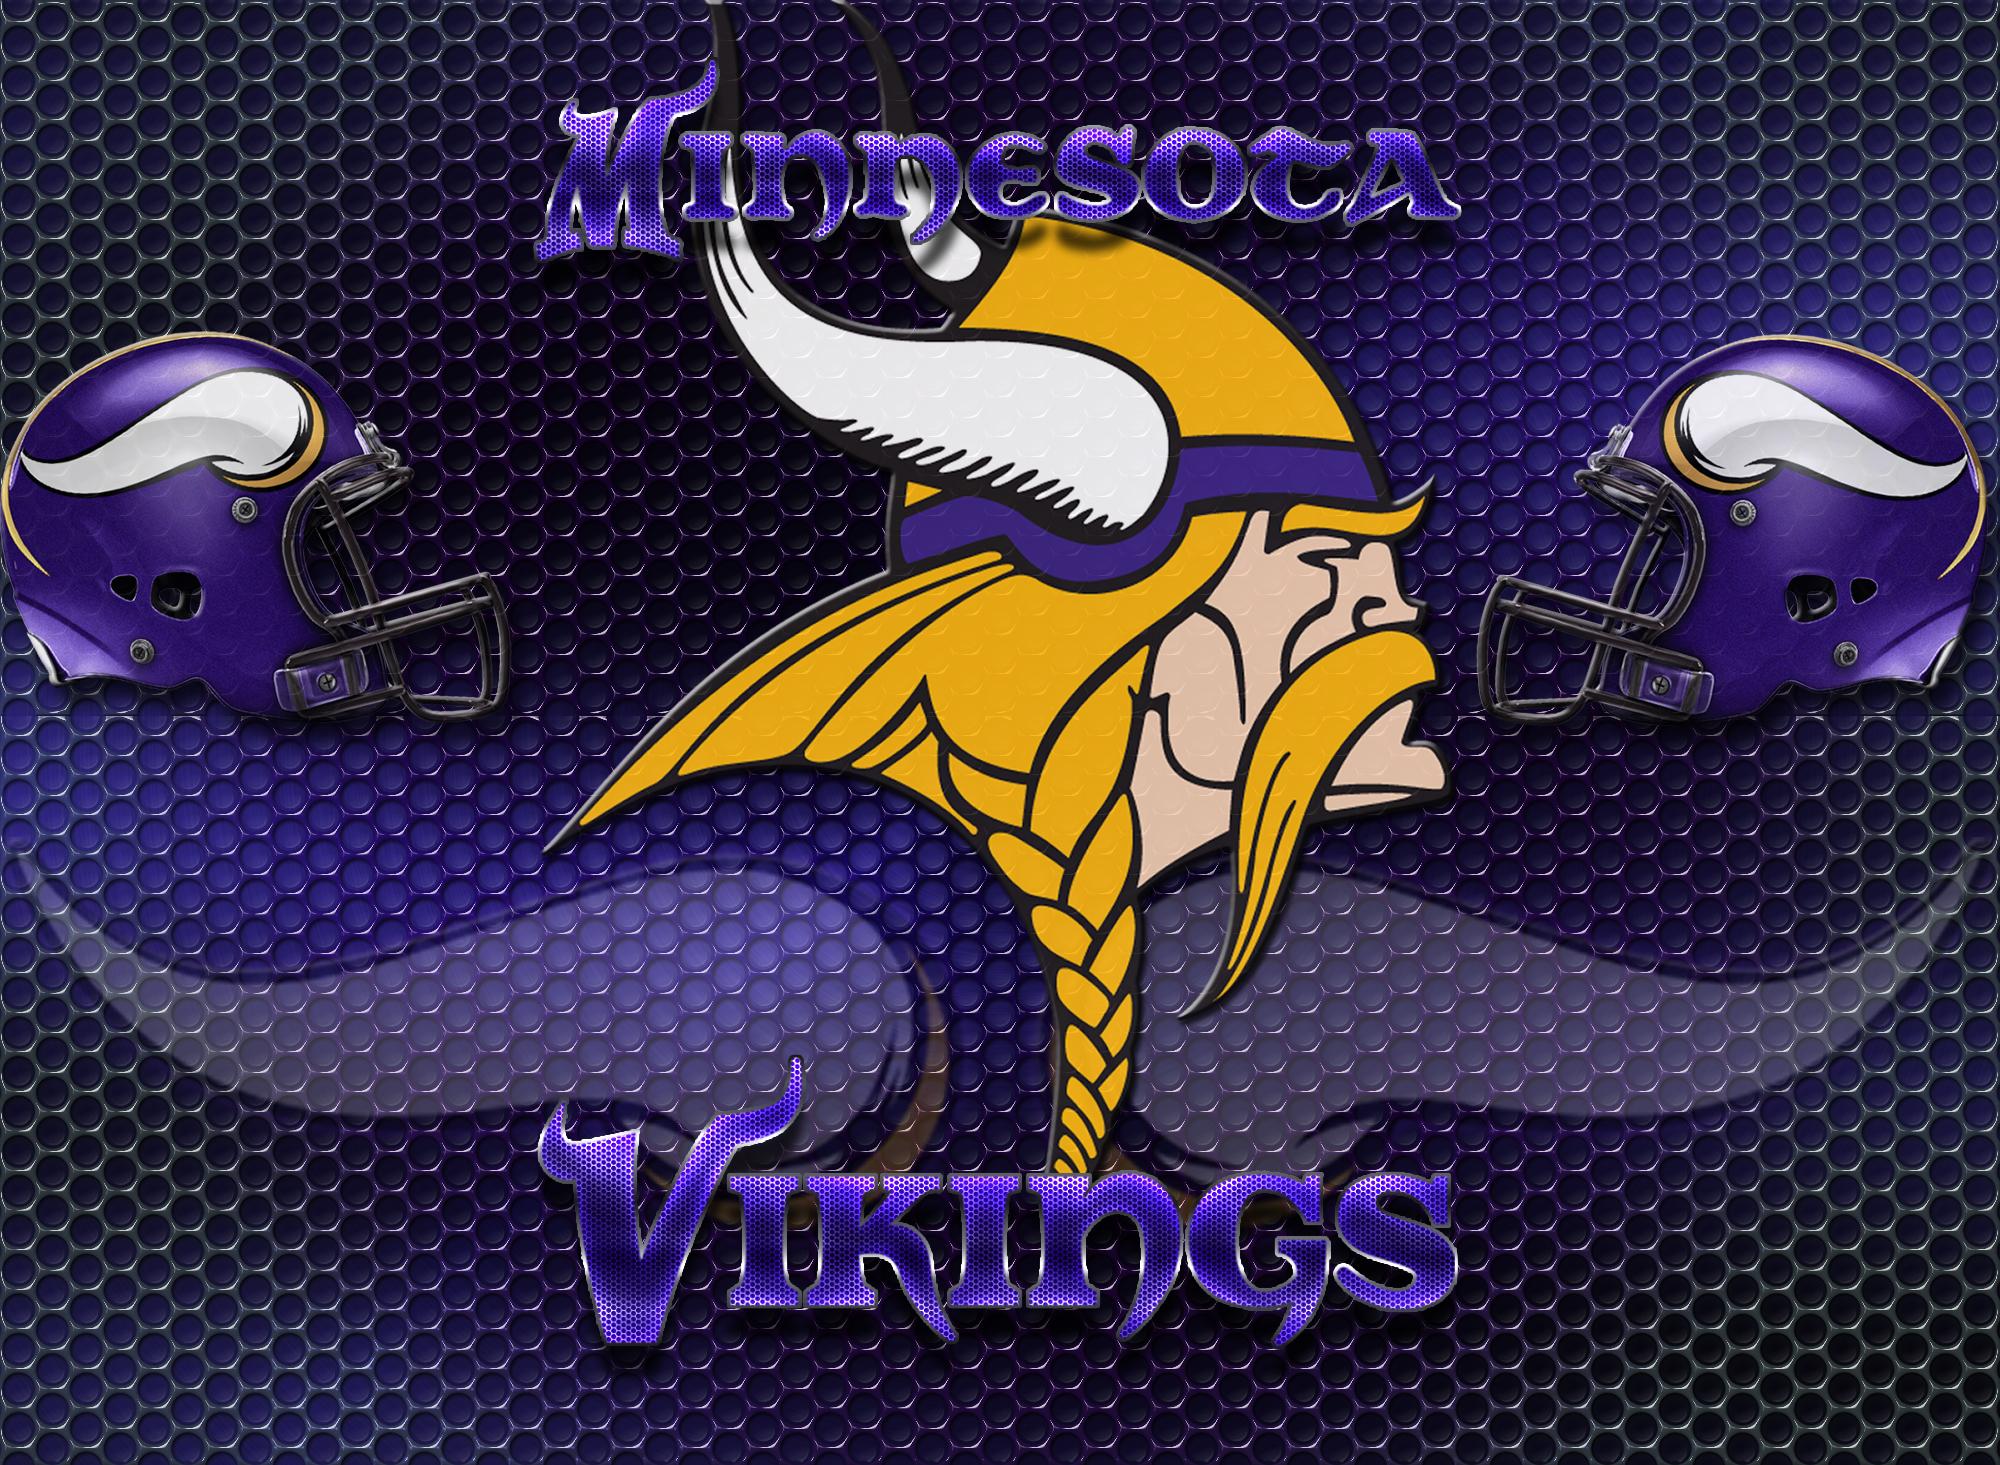 Cool Sport Cars Wallpaper For Mobile Hd Minnesota Vikings Backgrounds Pixelstalk Net